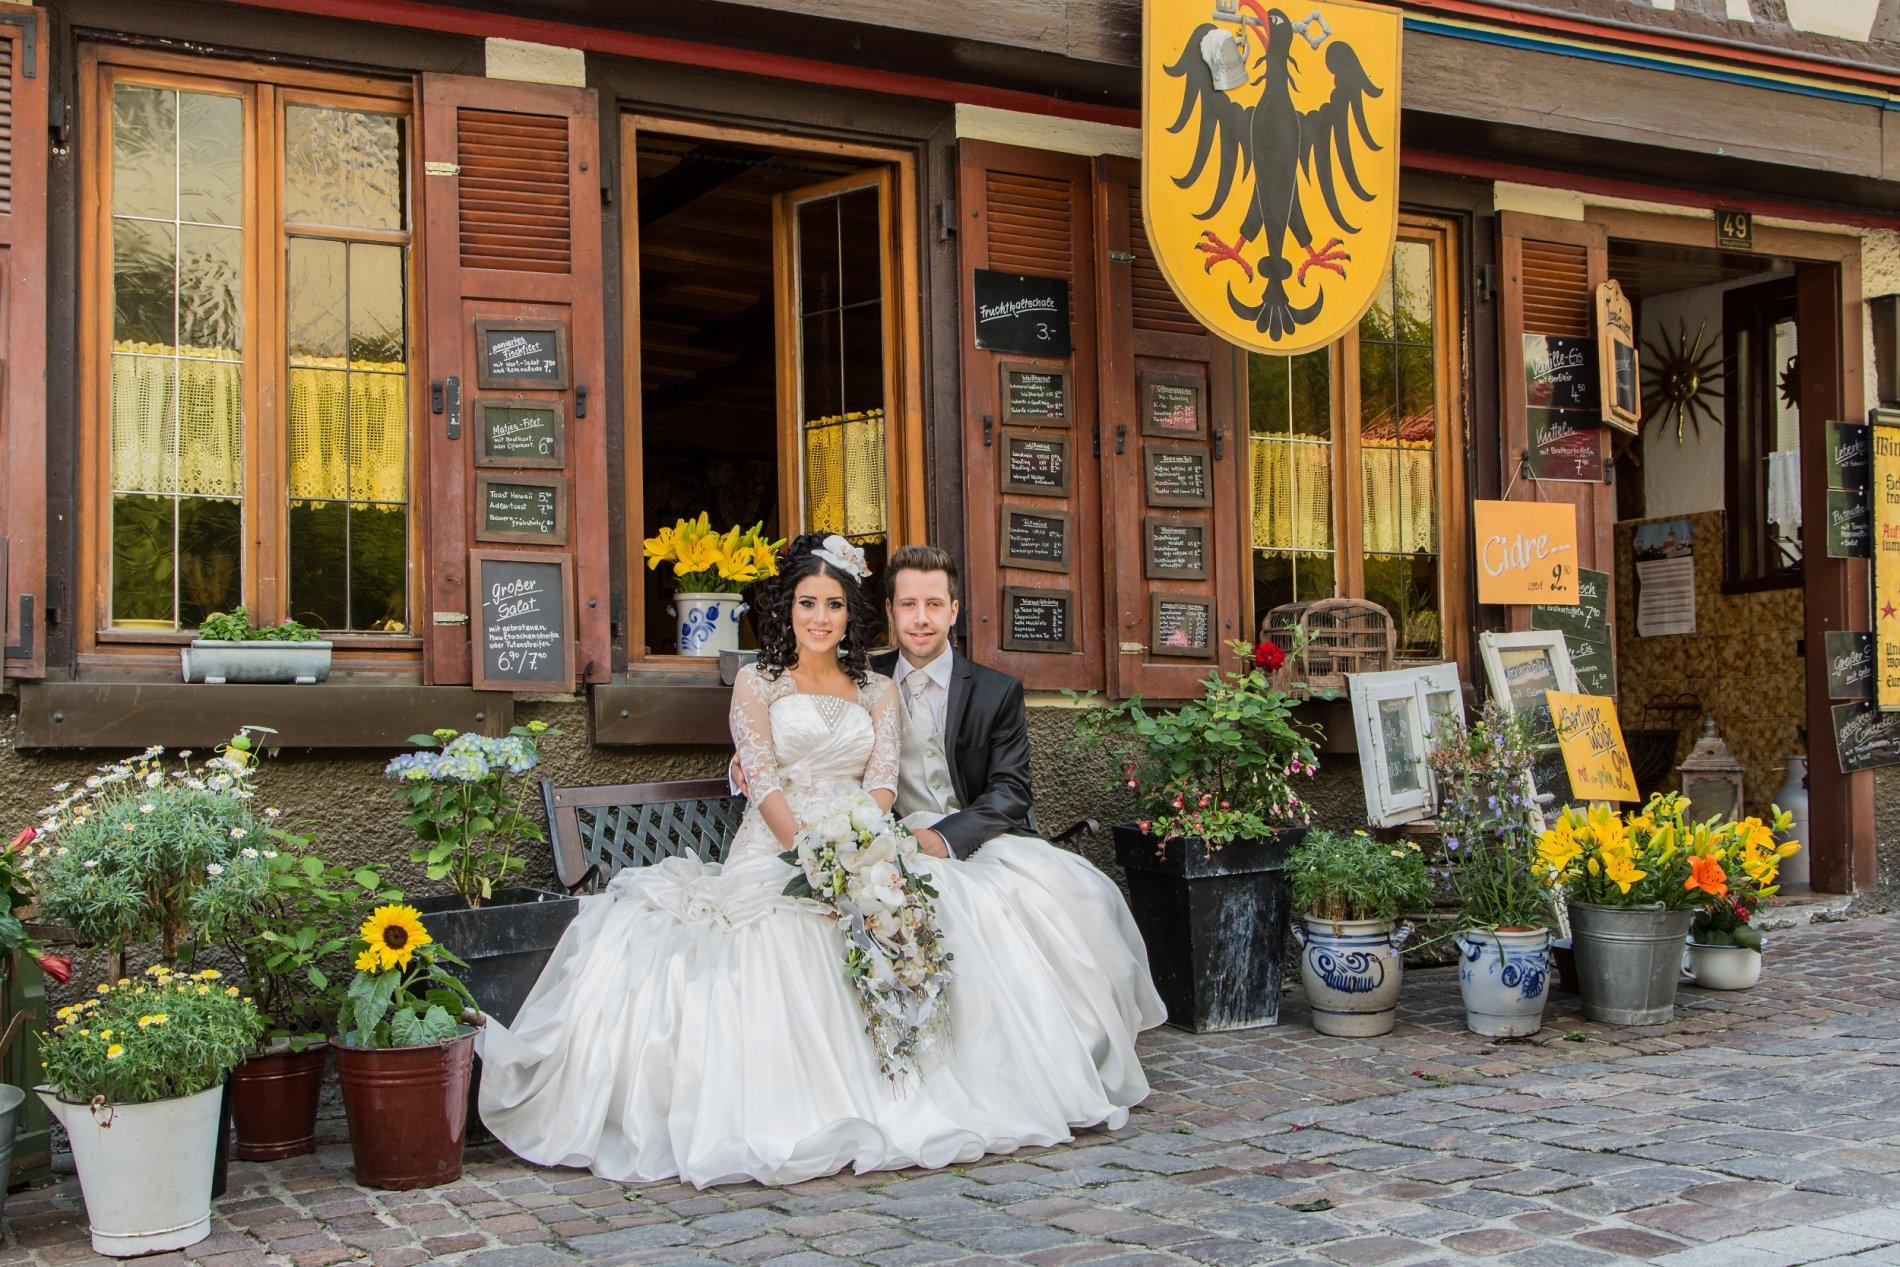 Hochzeitspaar vor Gasthaus Adler Bad Wimpfen